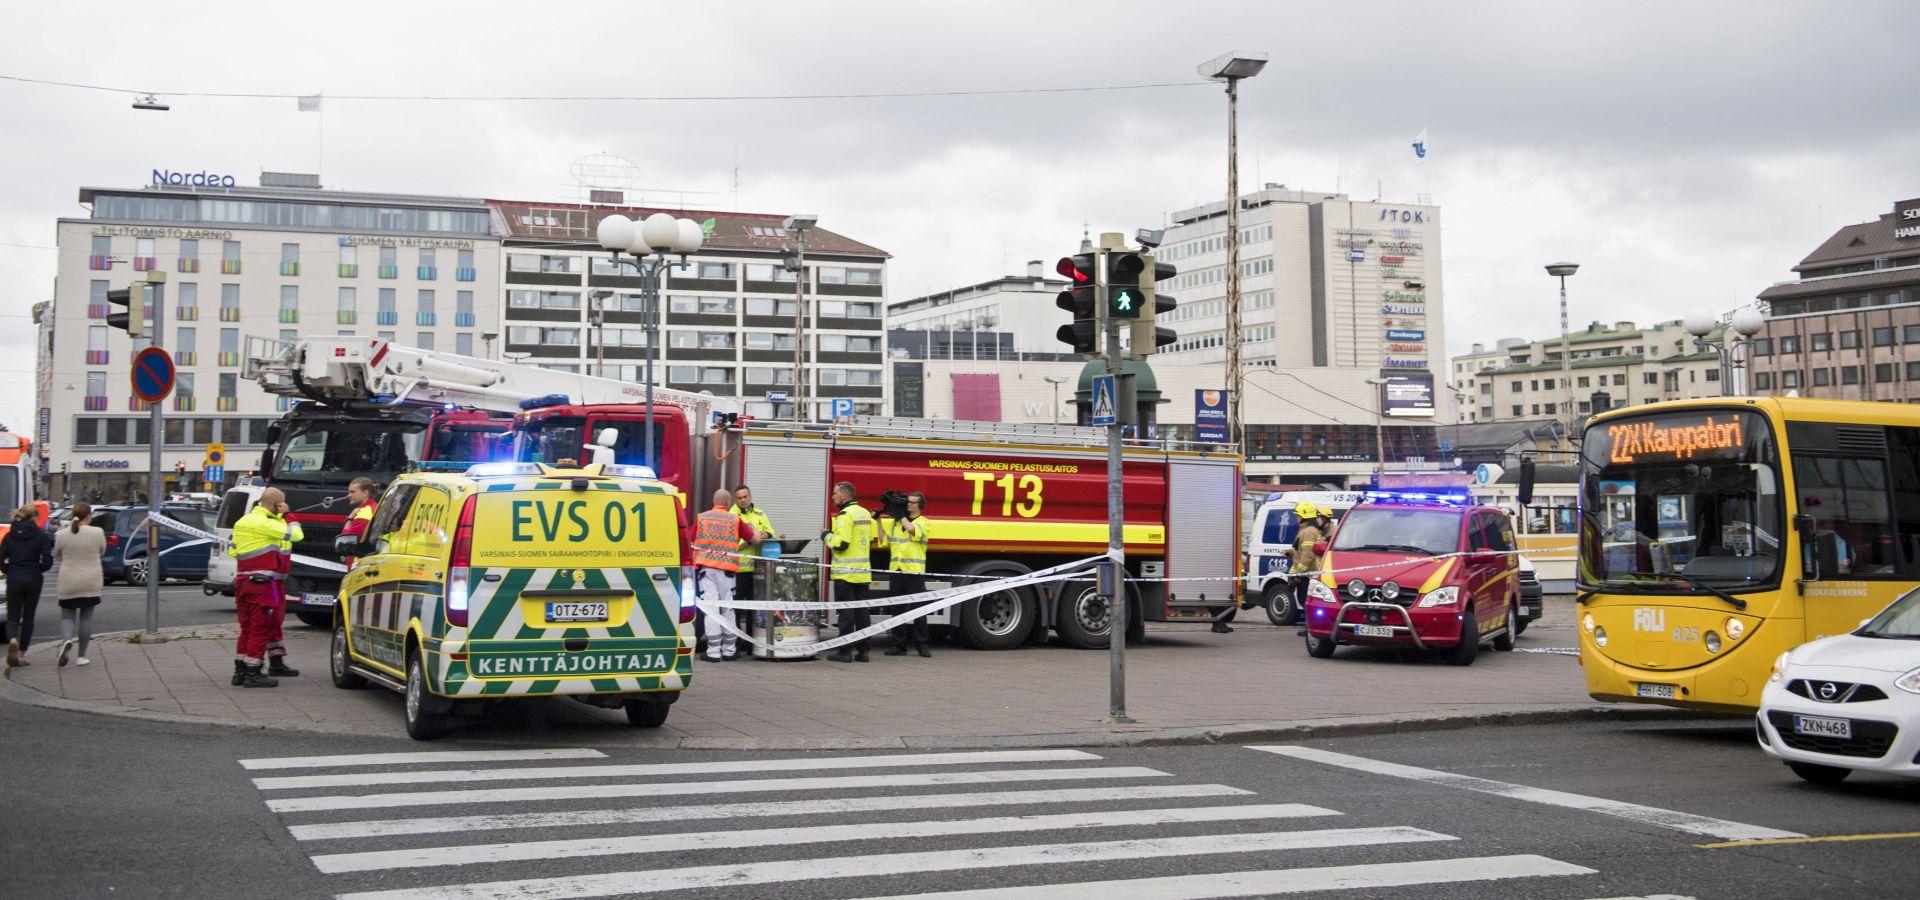 Napad u Finskoj policija ocijenila terorističkim, izveo ga Marokanac